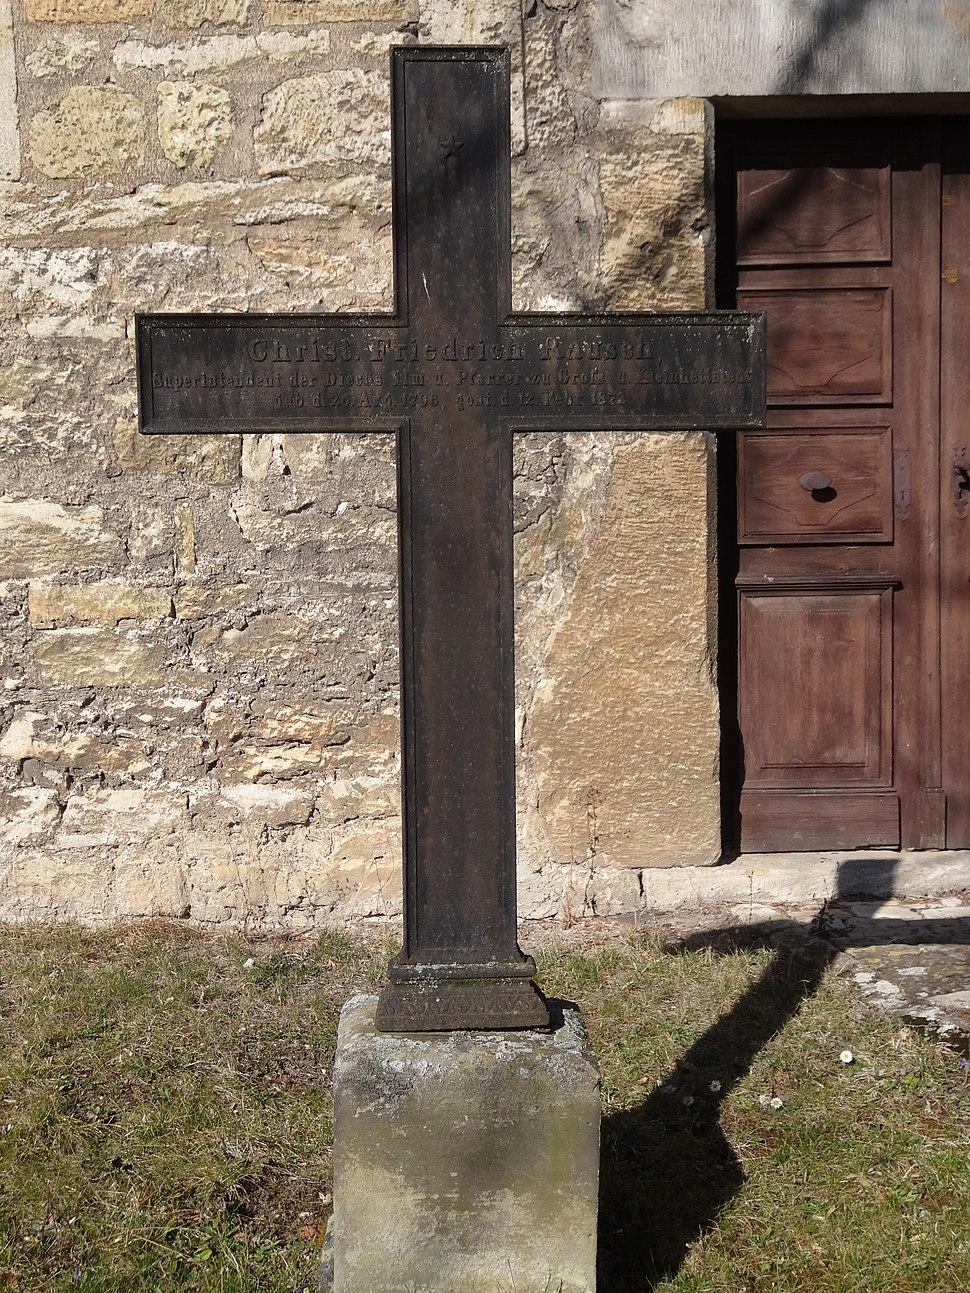 Grabkreuz auf dem Friedhof von Großhettstedt 1